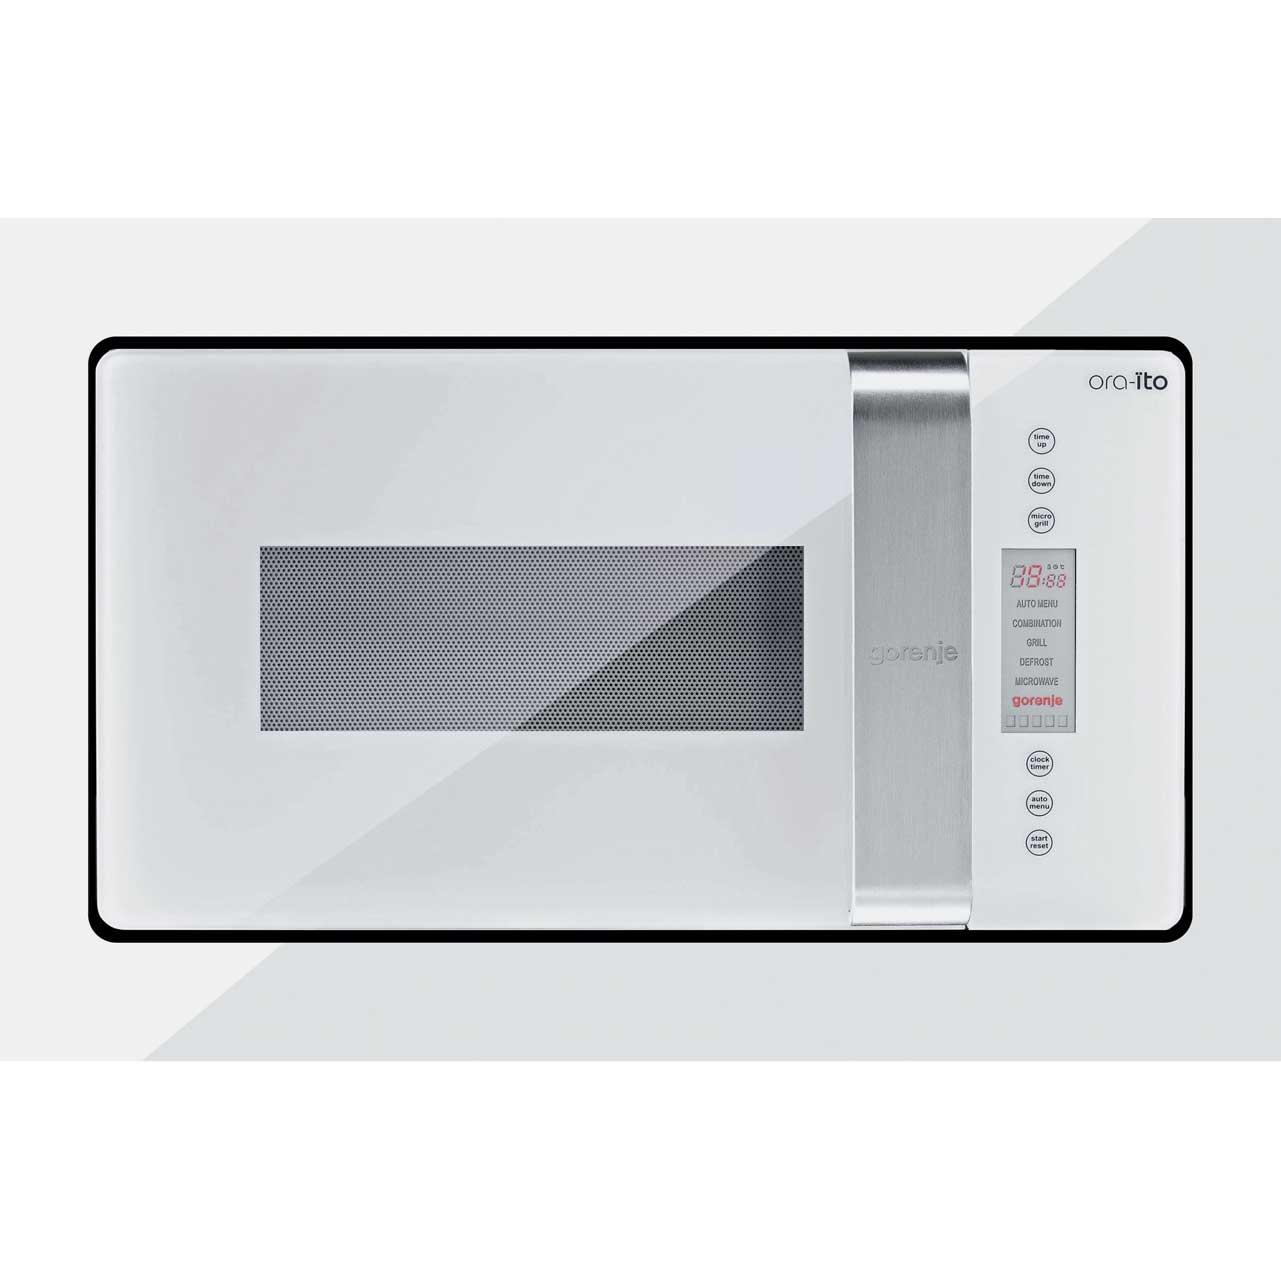 Gorenje OraÏto BM6250ORAWUK Integrated Microwave Oven in White